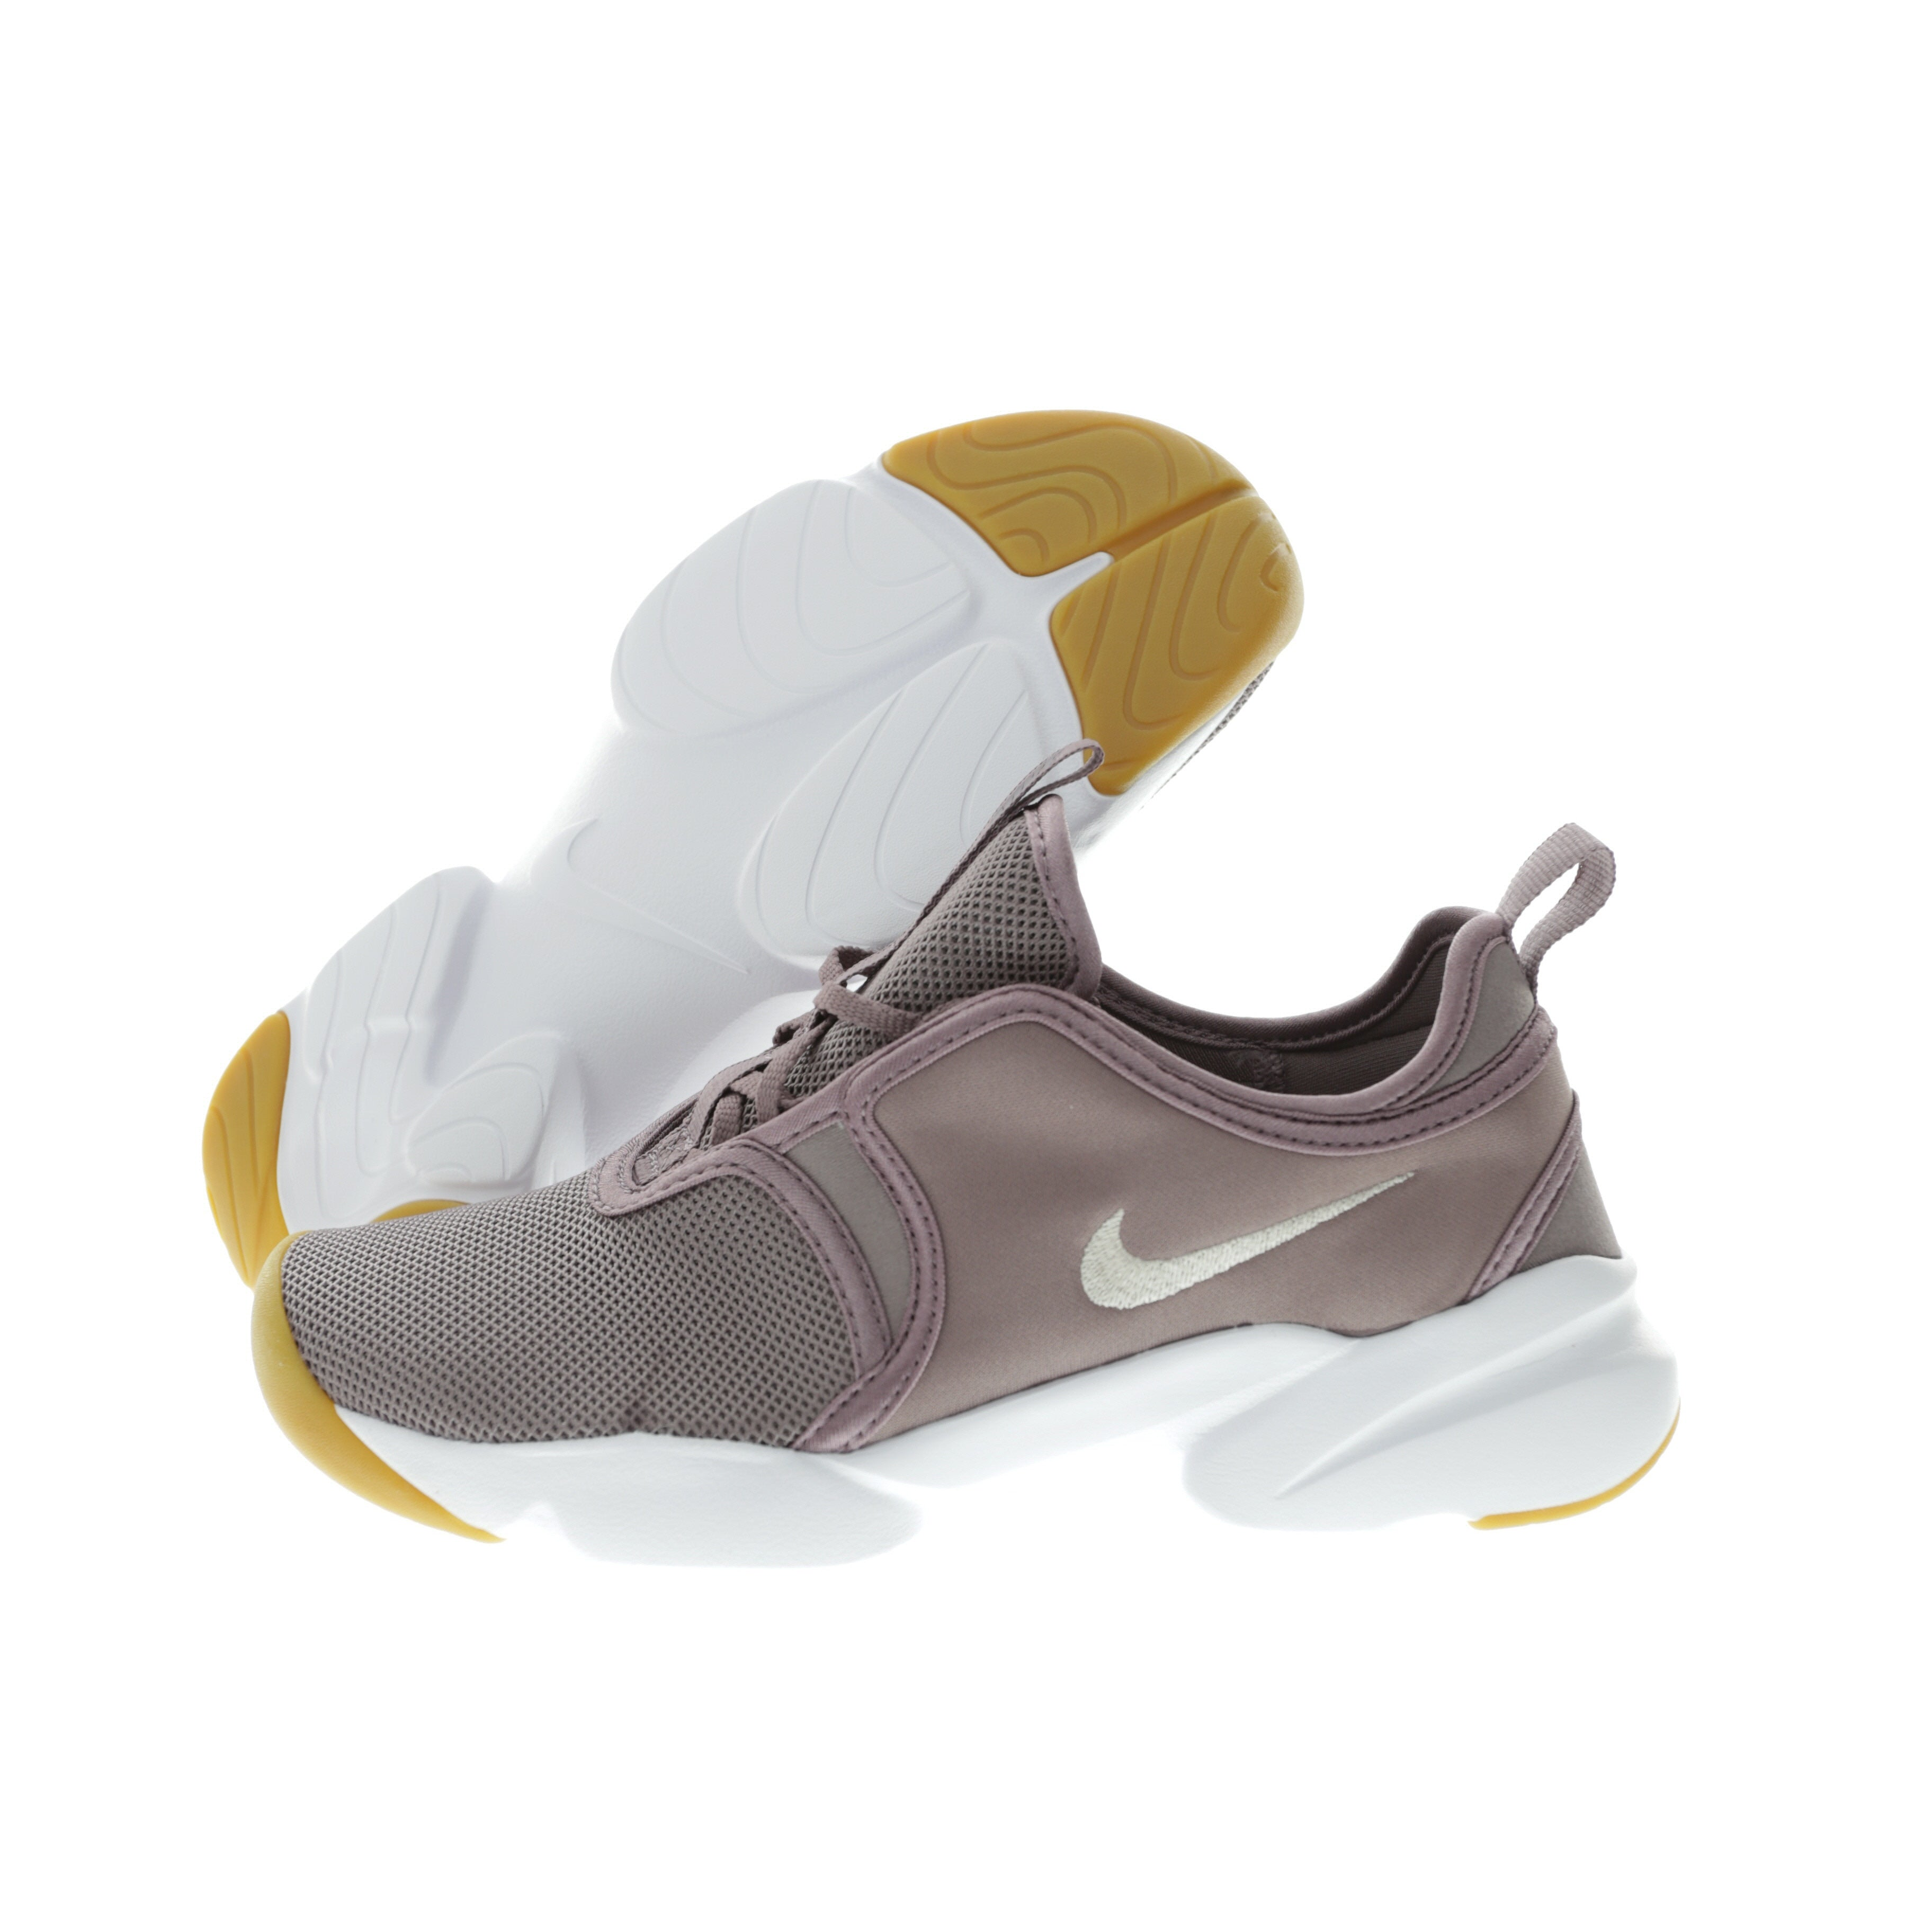 Nike Loden White F69t7 | Women's Nike Sportswear Shoes Provided